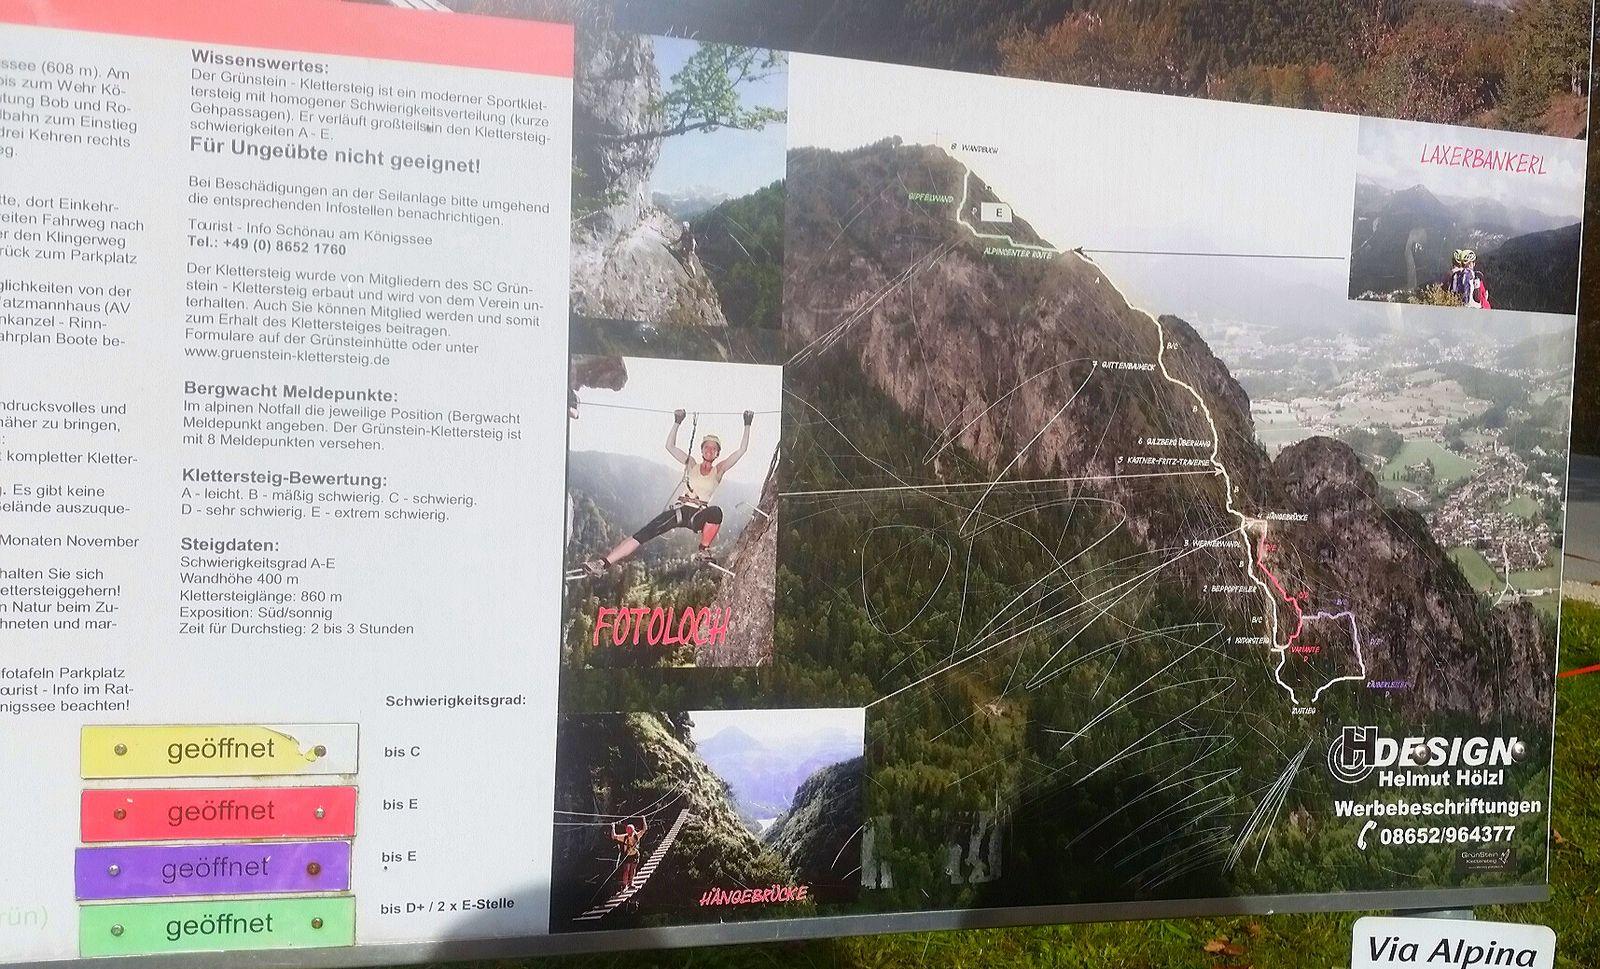 Übersicht zum Training am Grünstein-Klettersteig 2016